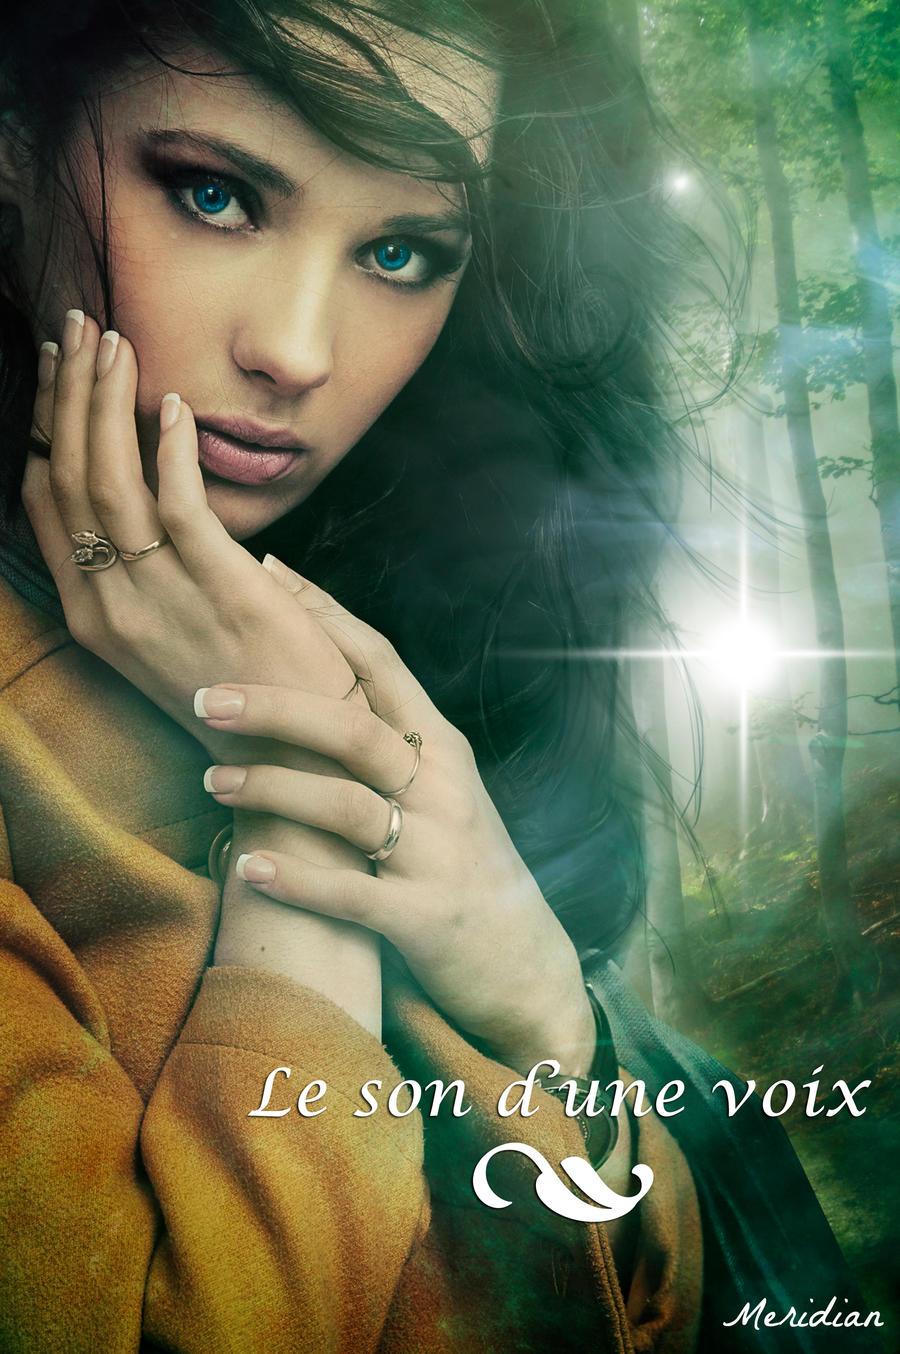 Le son d'une voix by Le-Meridian